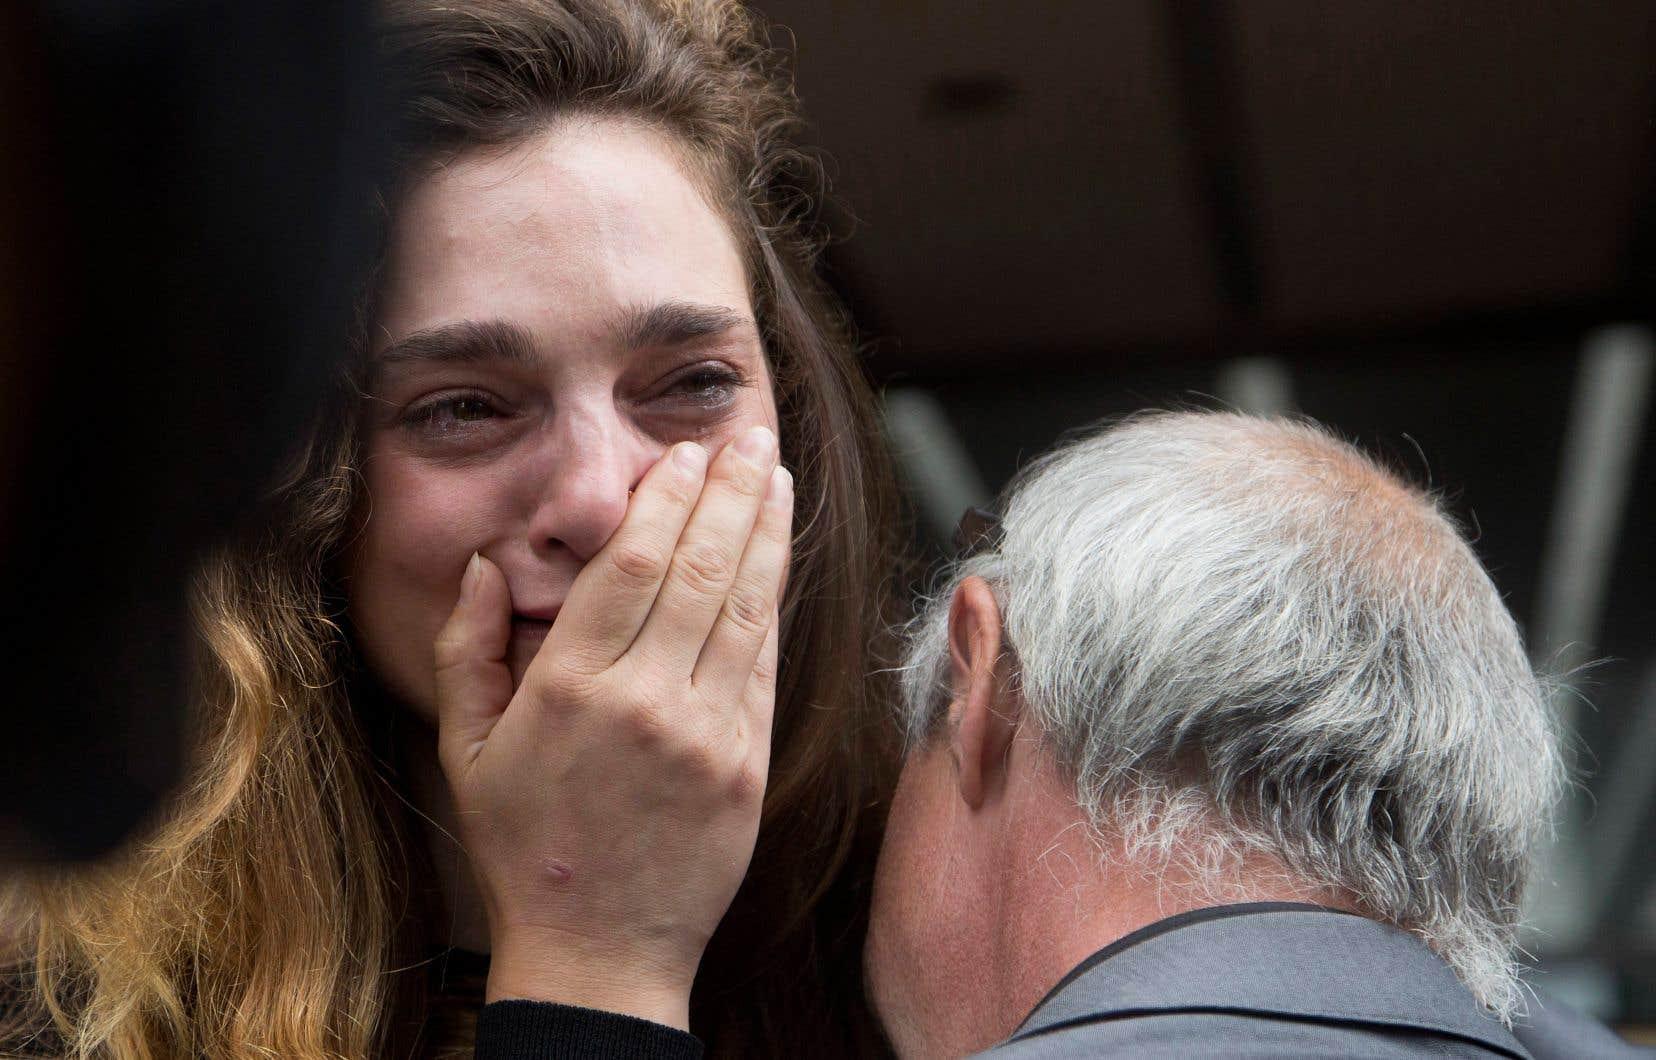 La journaliste Chelsia Rose Marcius n'a pu retenir ses larmes, alors que le photographe Todd Maisel tente de la consoler après leur licenciement, à l'extérieur des bureaux du quotidien, lundi à New York.